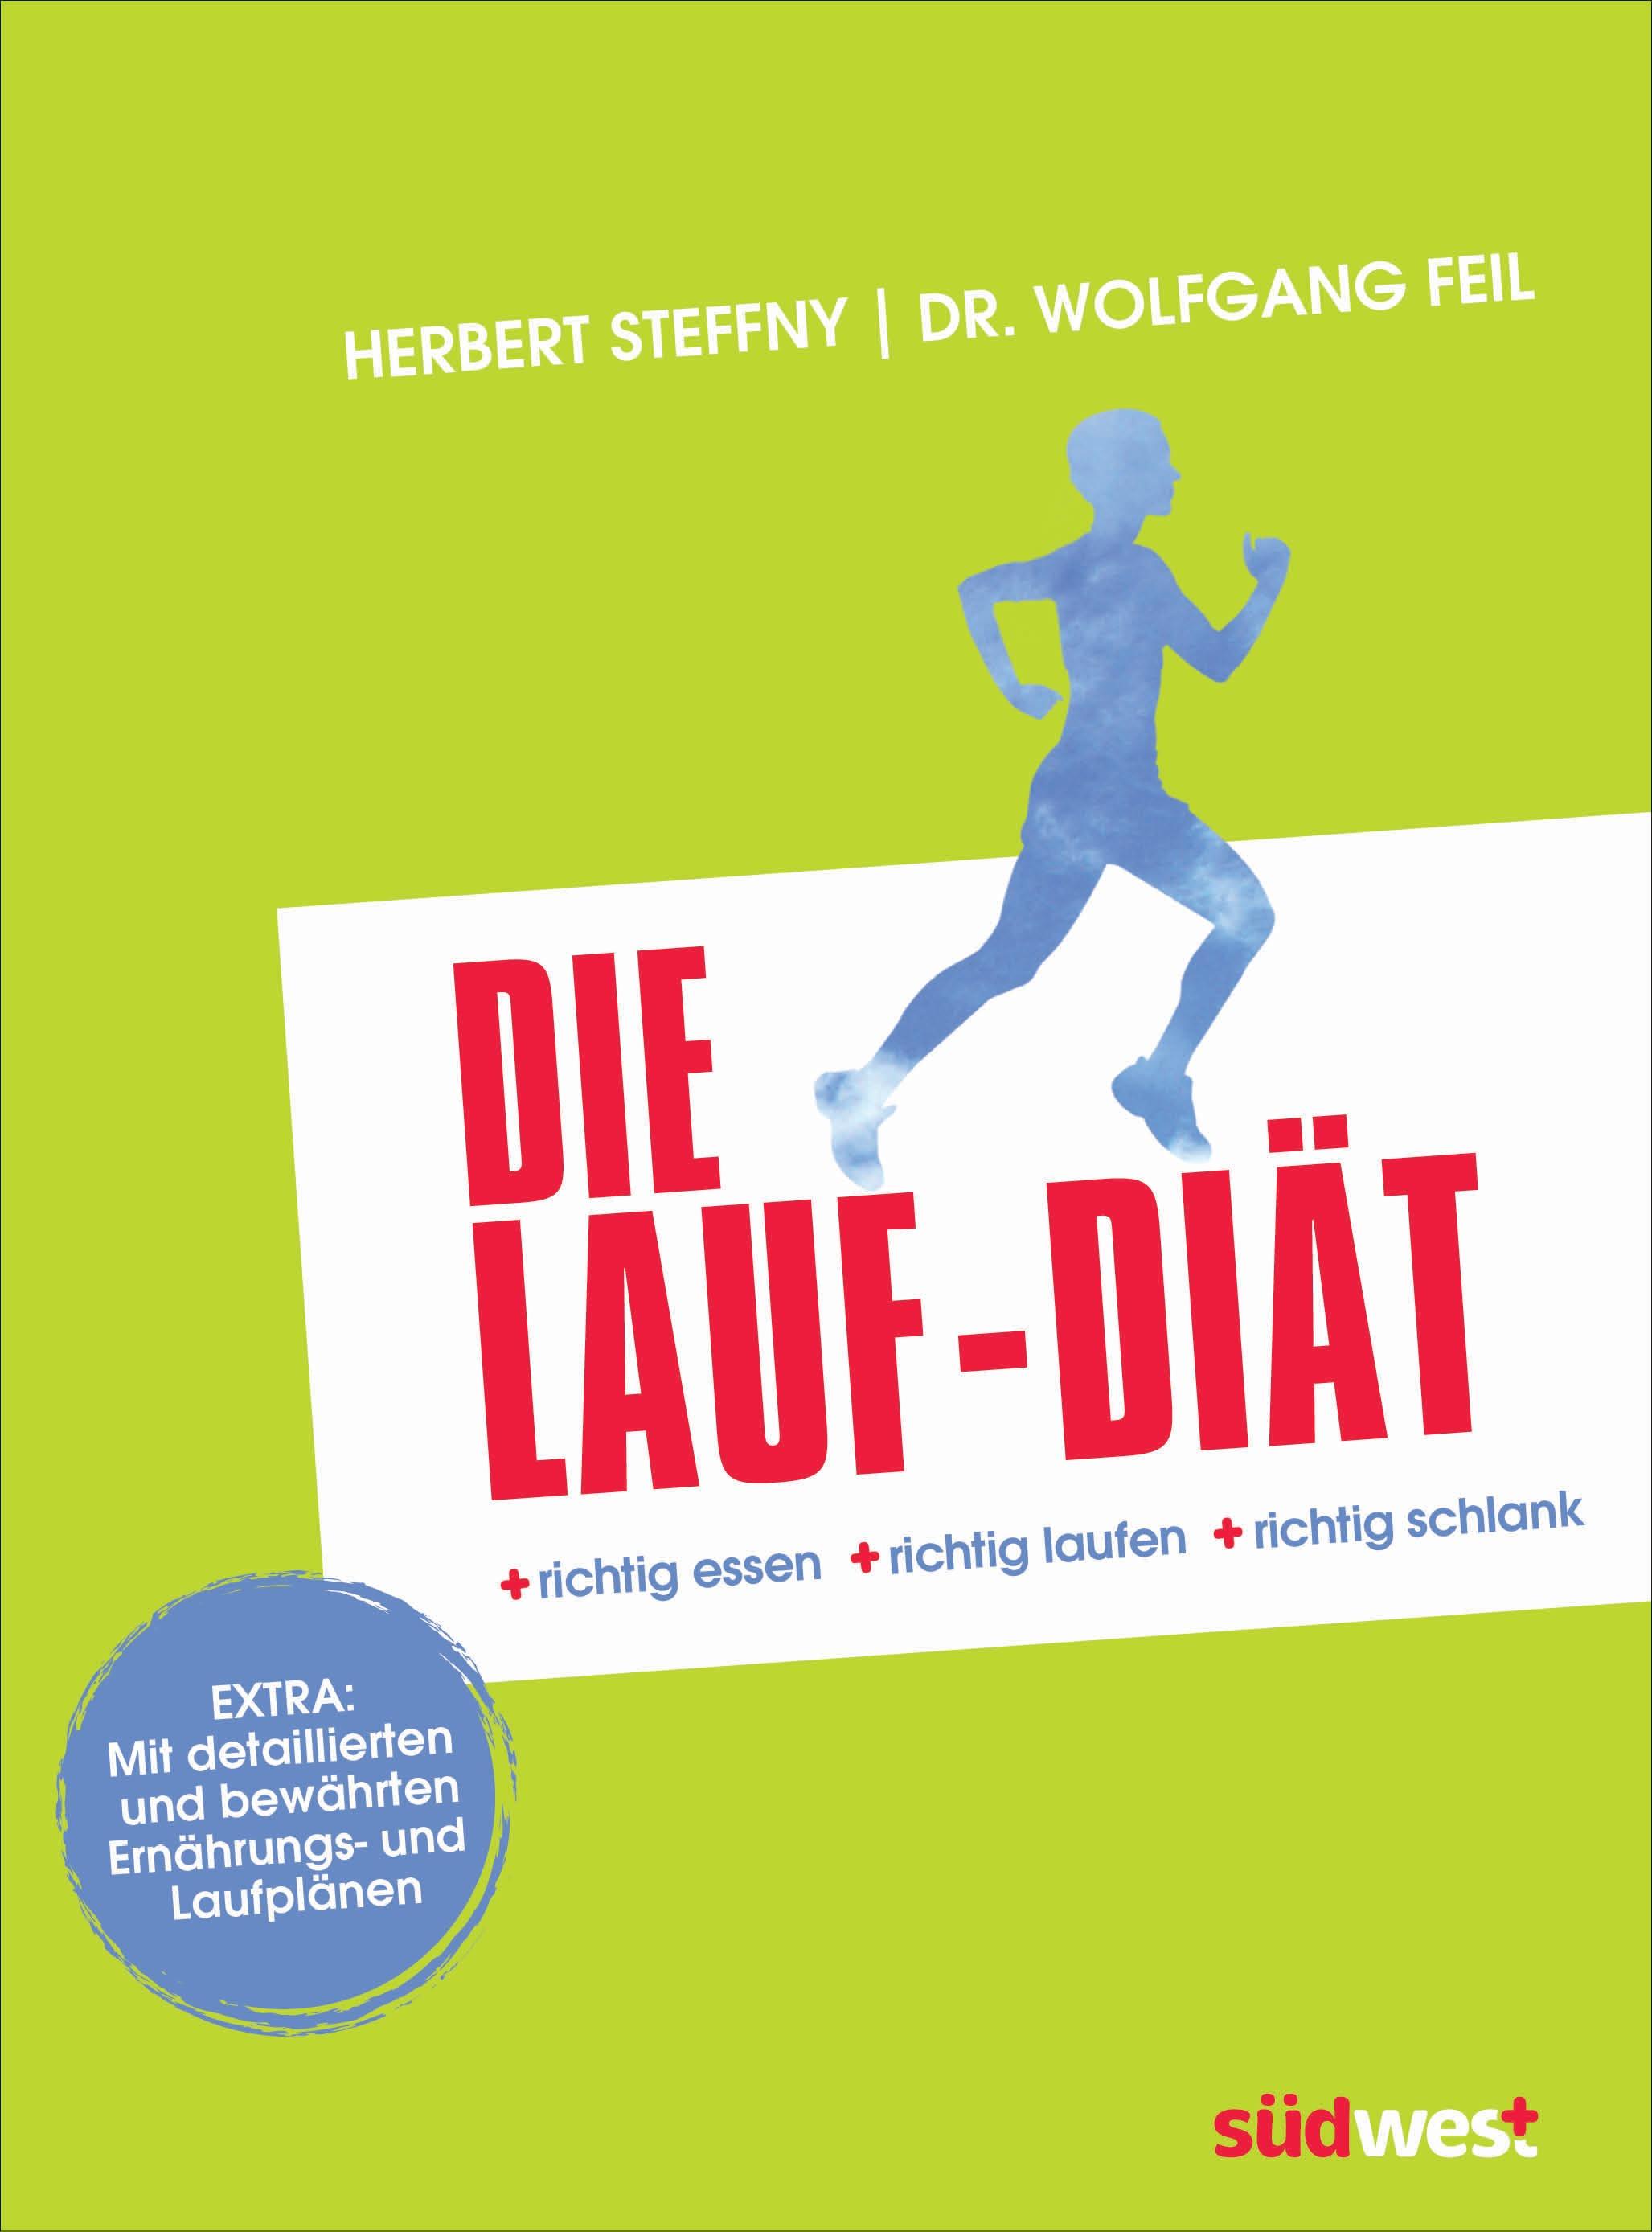 Die Lauf-Diät: richtig essen - richtig laufen - richtig schlank - Herbert Steffny